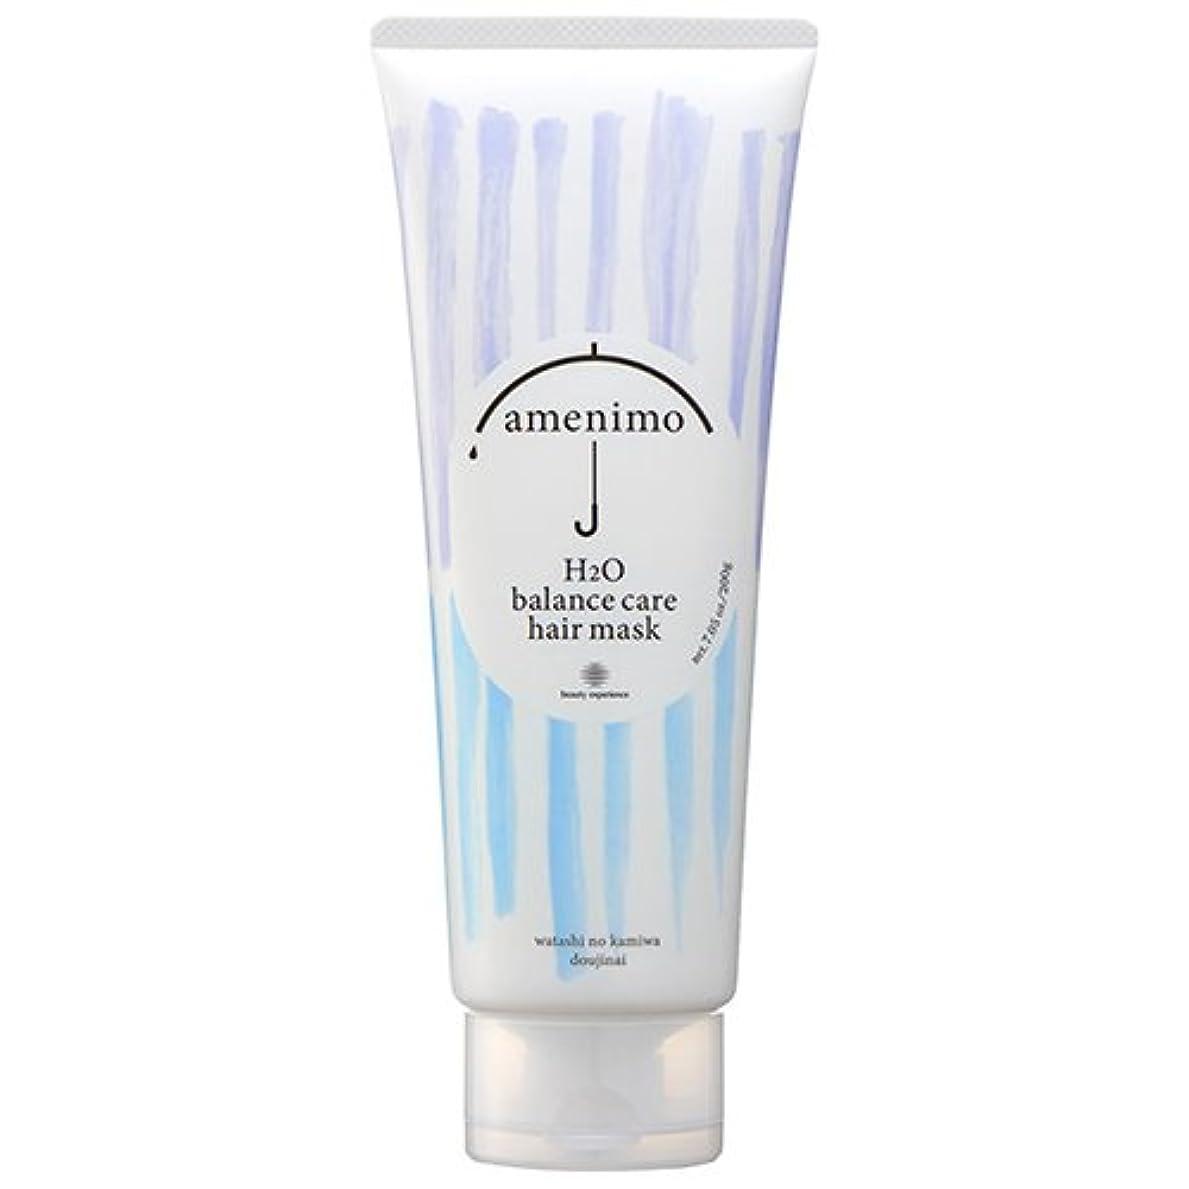 で出来ている組み込む不健全amenimo(アメニモ) H2O バランスケア ヘアマスク 200g